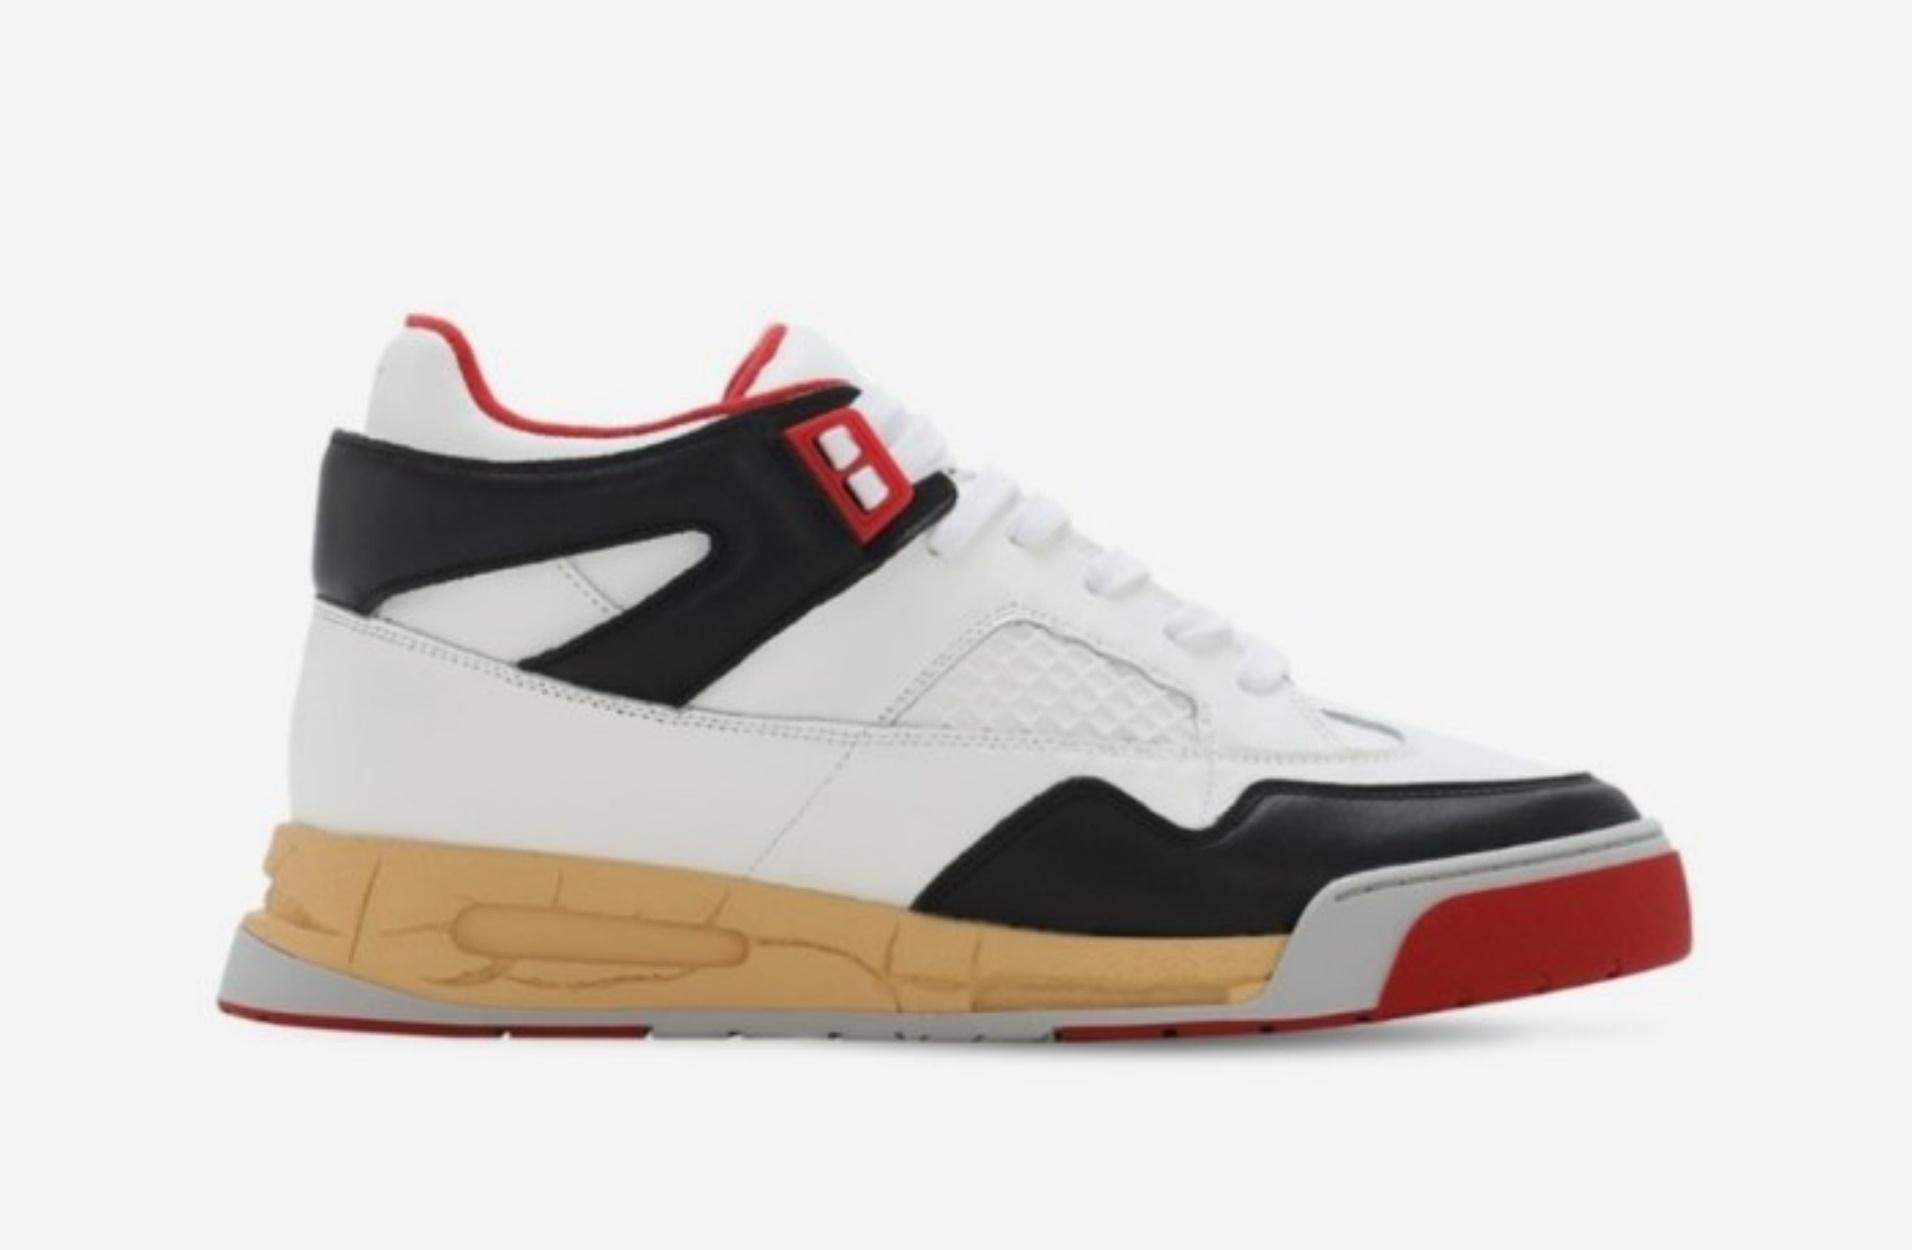 9 πολυτελή sneakers για τα οποία πρέπει να βάλετε βαθιά το χέρι στην τσέπη